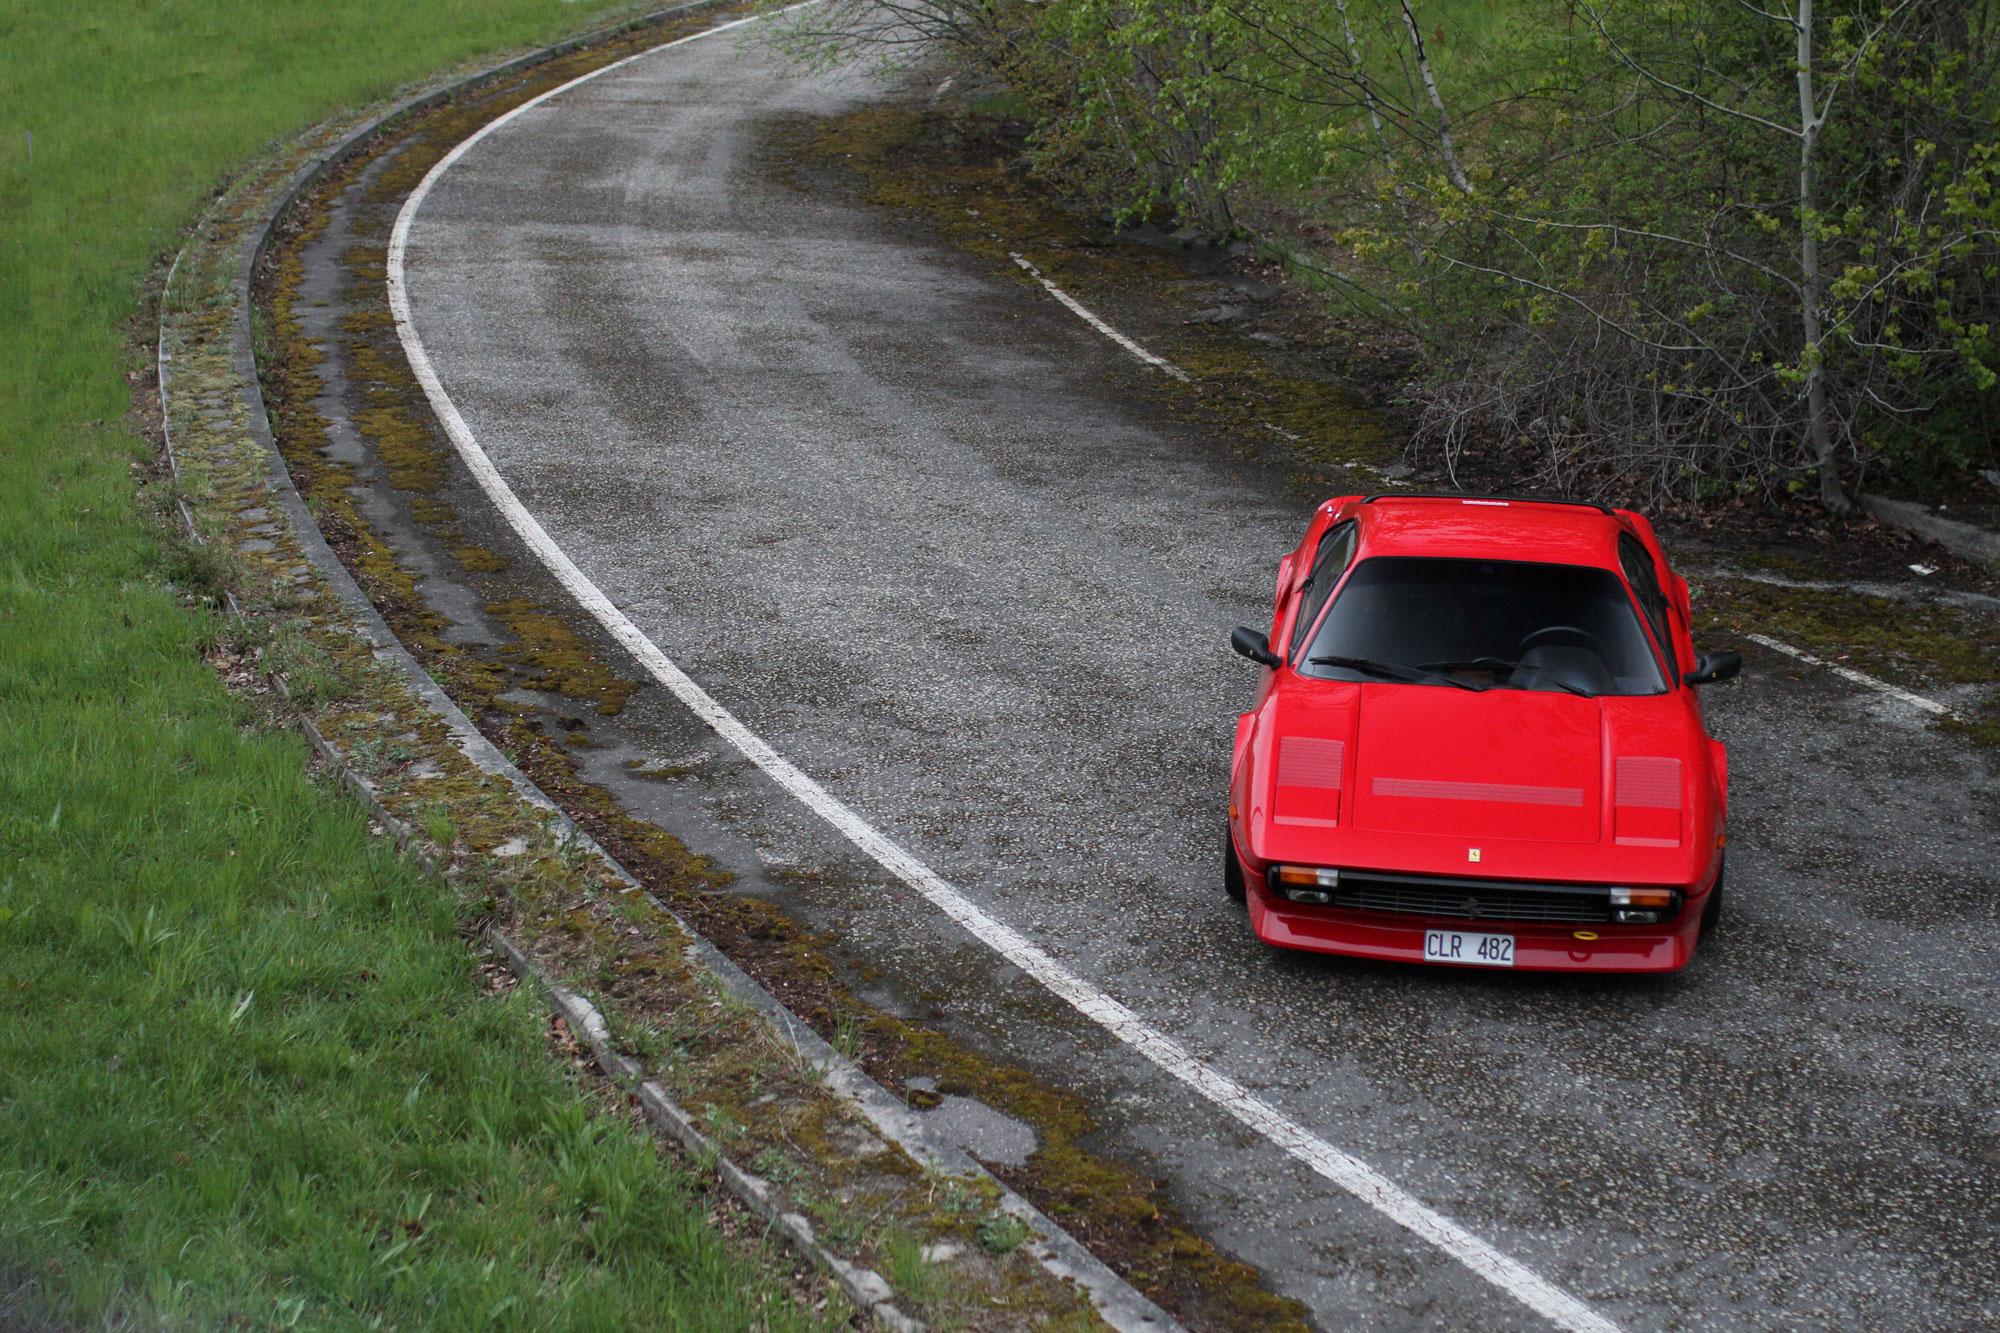 övergivna avfarten från en höjd med Ferrari som en färgklick mitt i det gråa